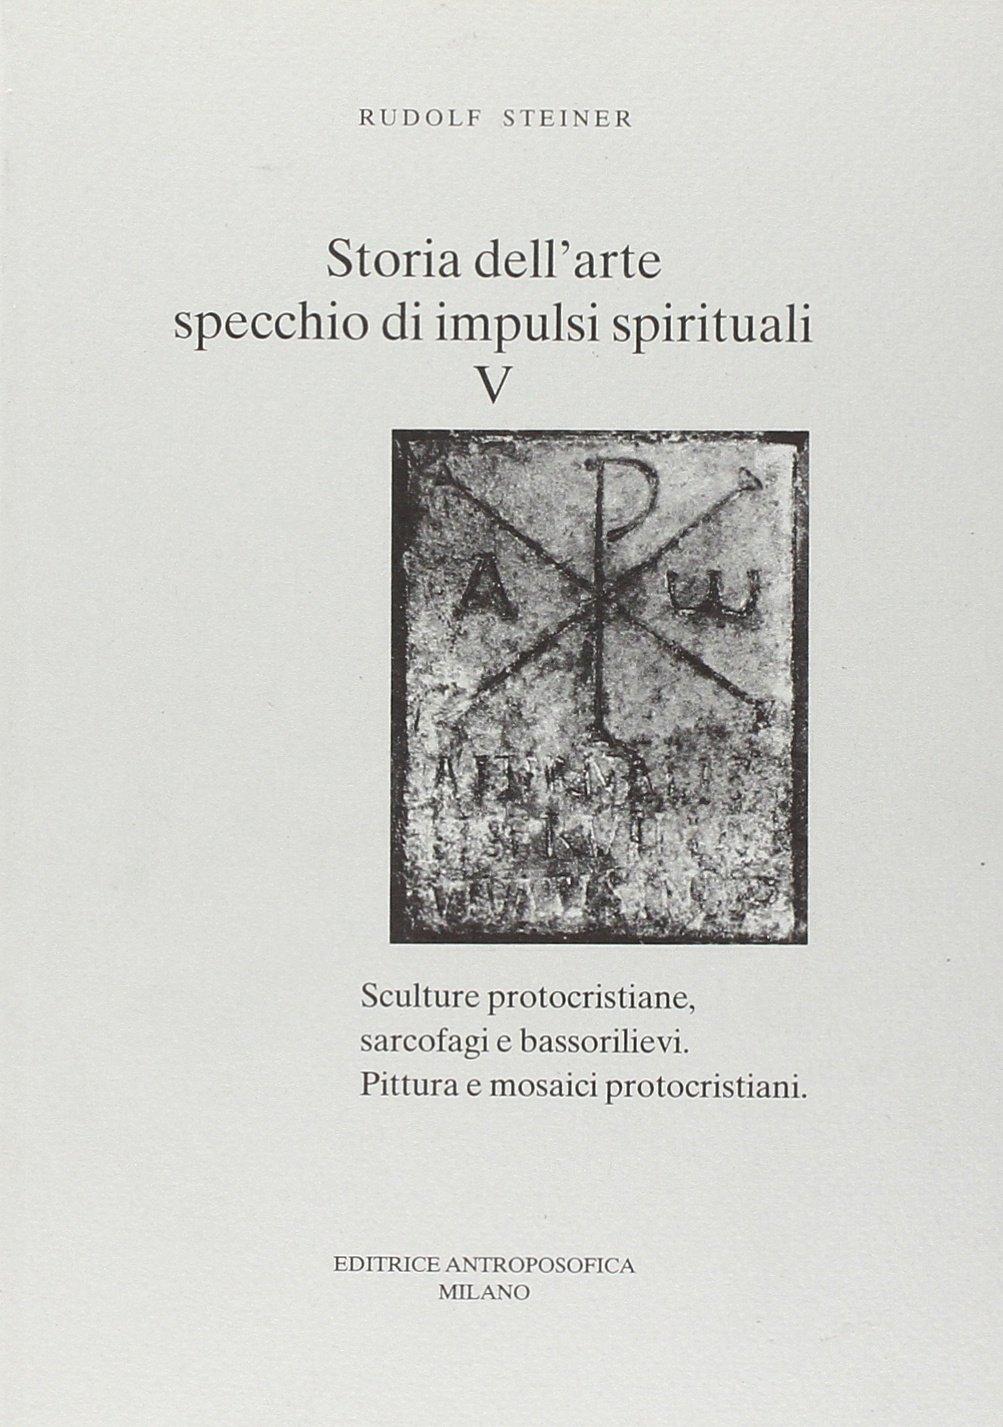 Storia dell'arte, specchio di impulsi spirituali: 5 Copertina flessibile – 1 gen 2009 Rudolf Steiner F. Podreider Storia dell' arte Editrice Antroposofica